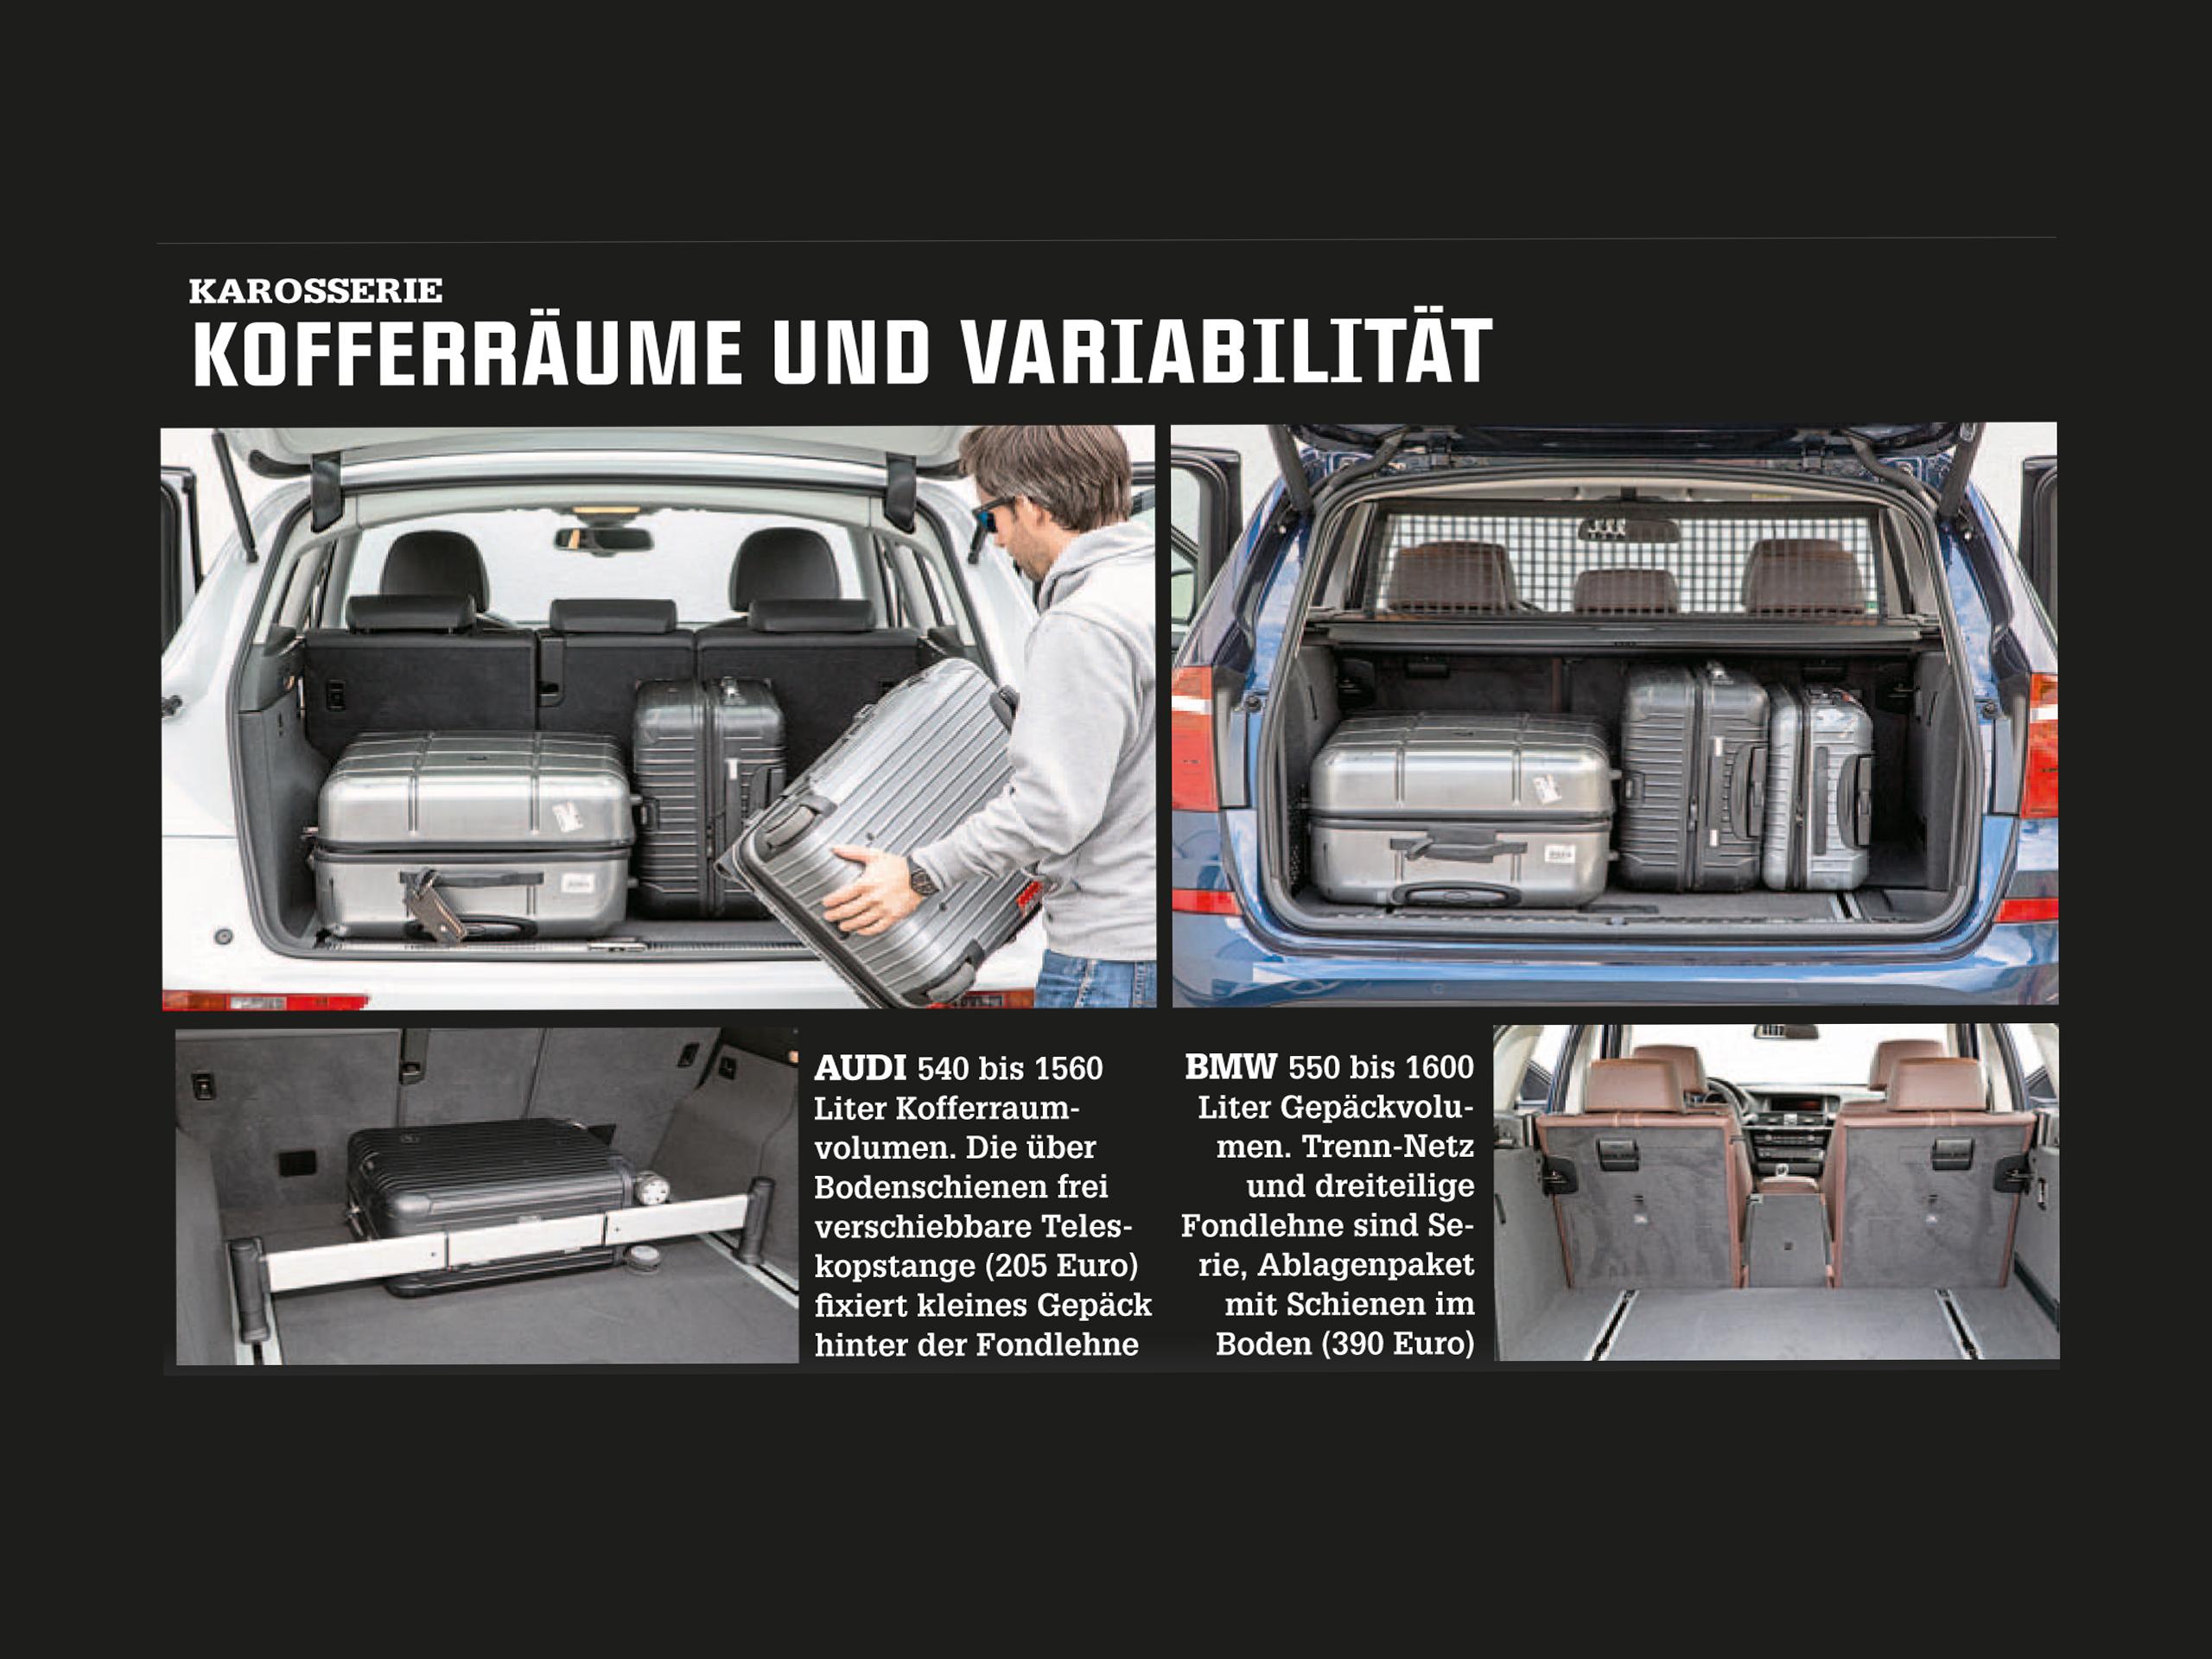 BMW X3 xDrive30d vs Audi Q5 3 0 TDI clean sel quattro